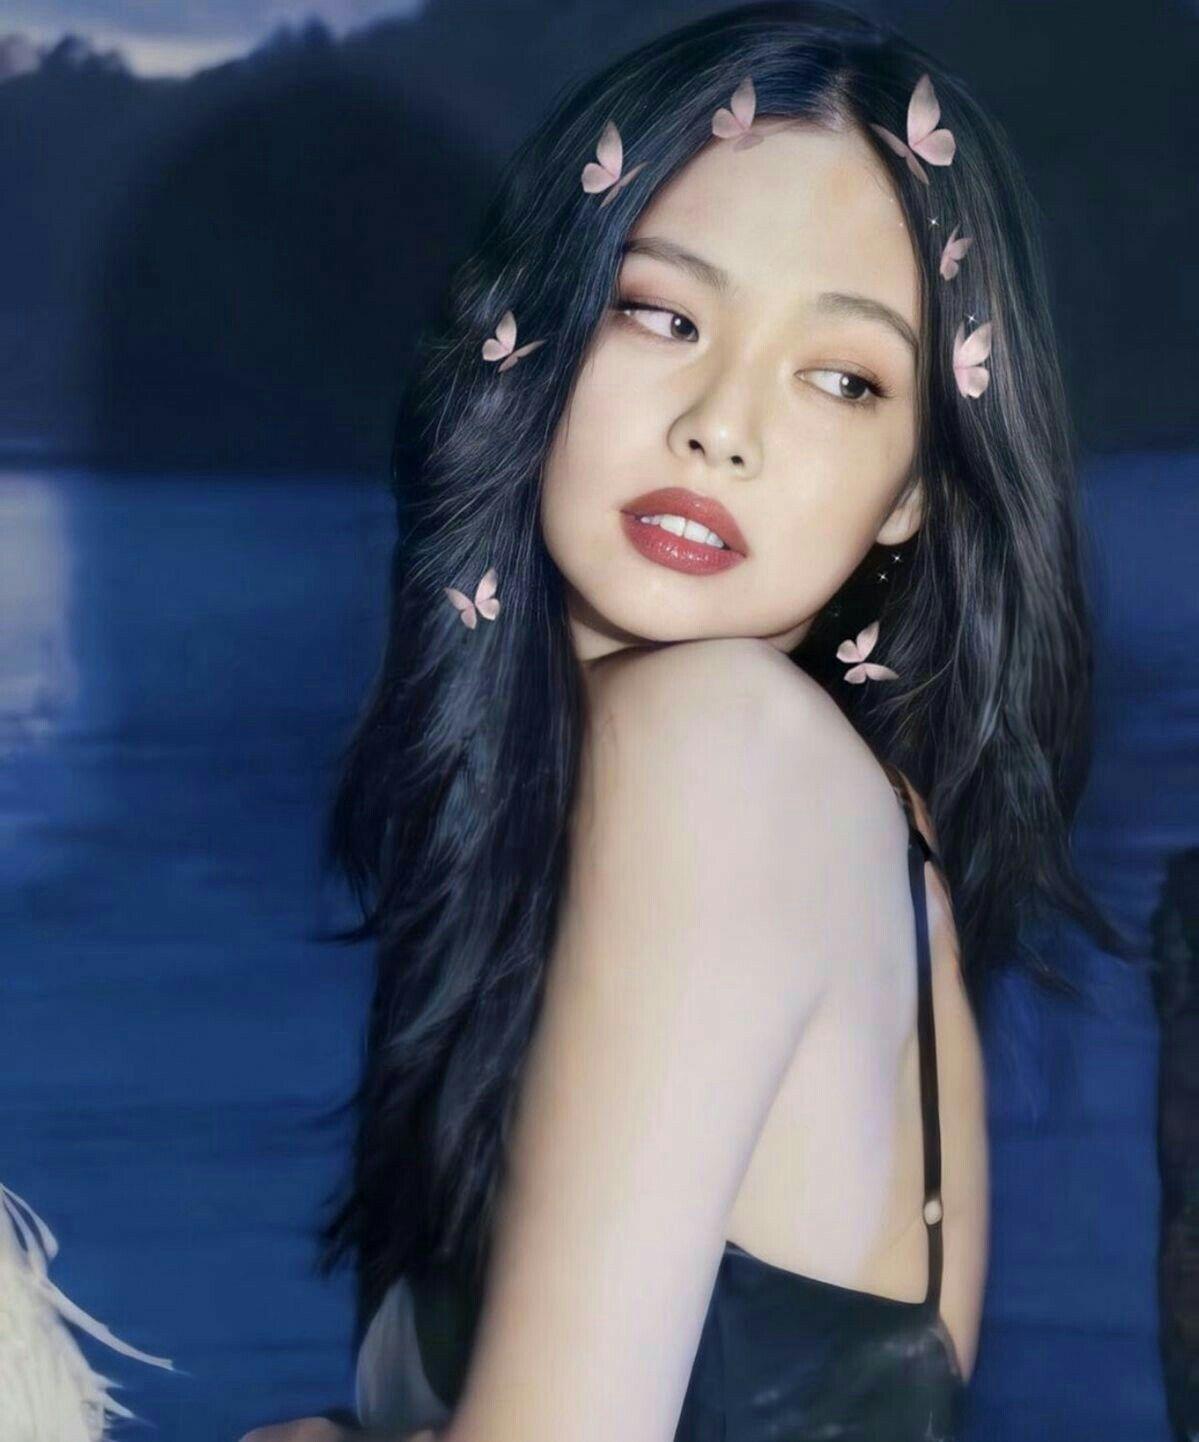 Jennie - báu vật vô giá của YG: Trong BLACKPINK là thành viên đại diện của nhóm, ra solo lại lập kỷ lục lịch sử - Ảnh 14.